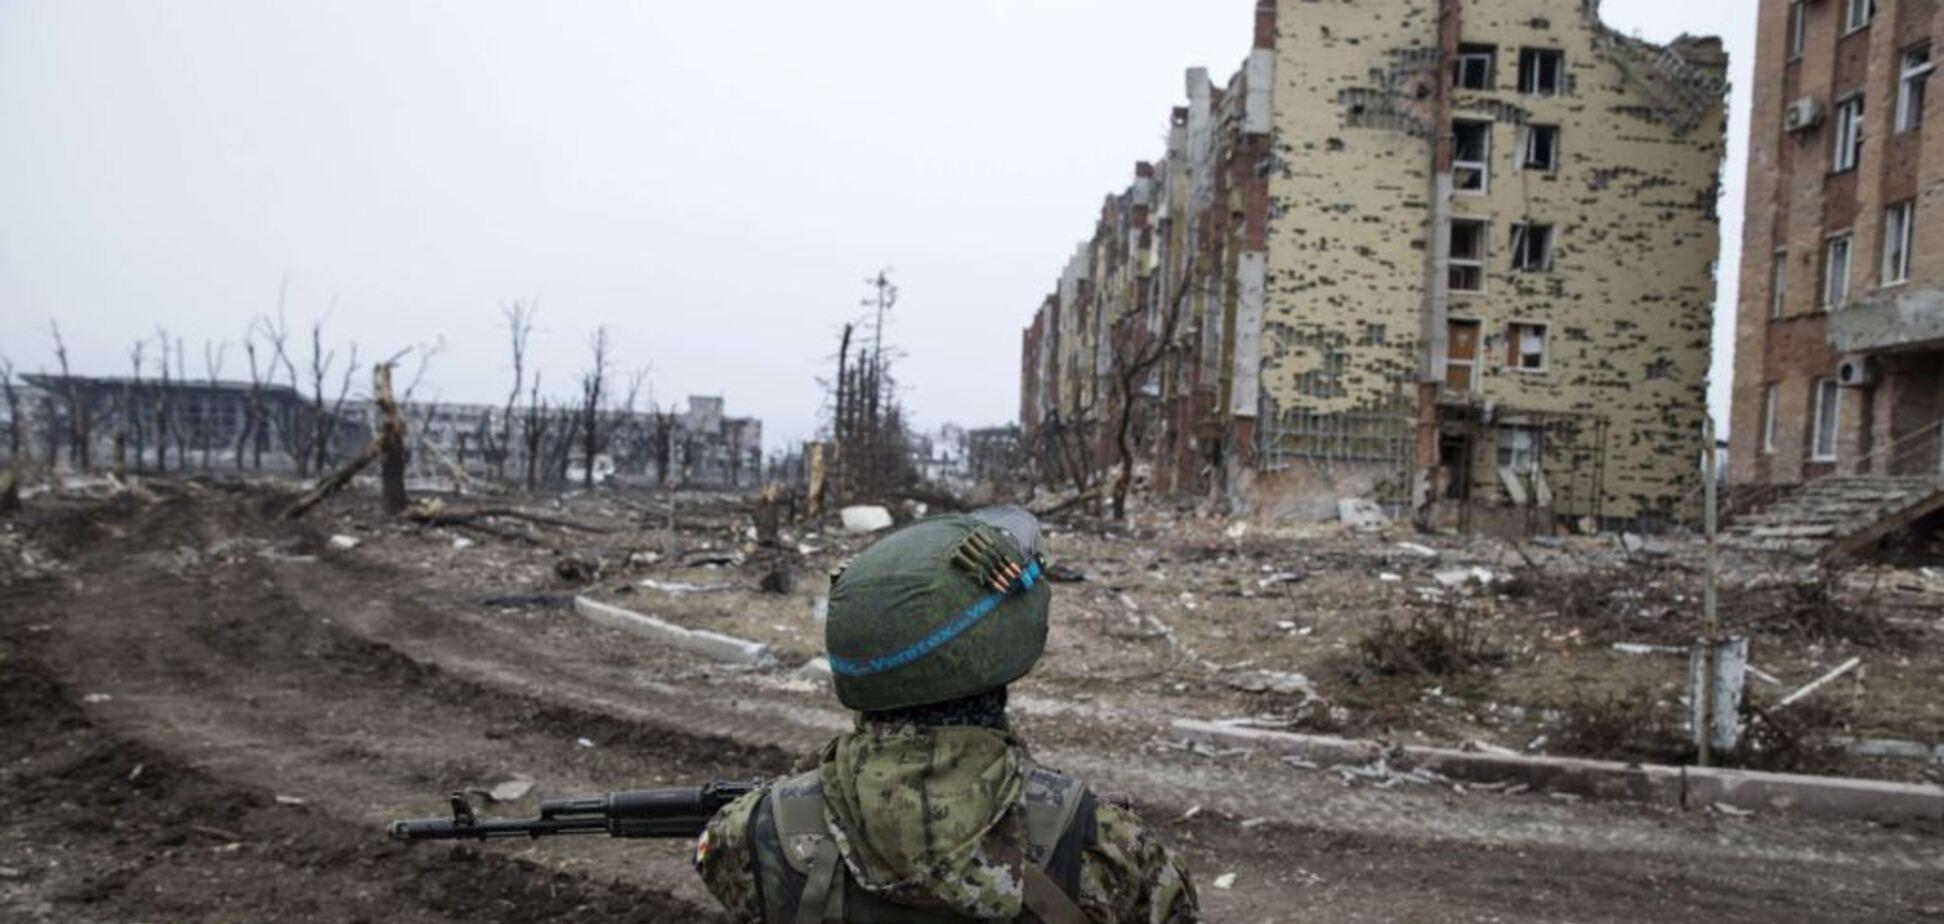 Чешские пособники Путина на Донбассе: выяснилась незавидная судьба террористов